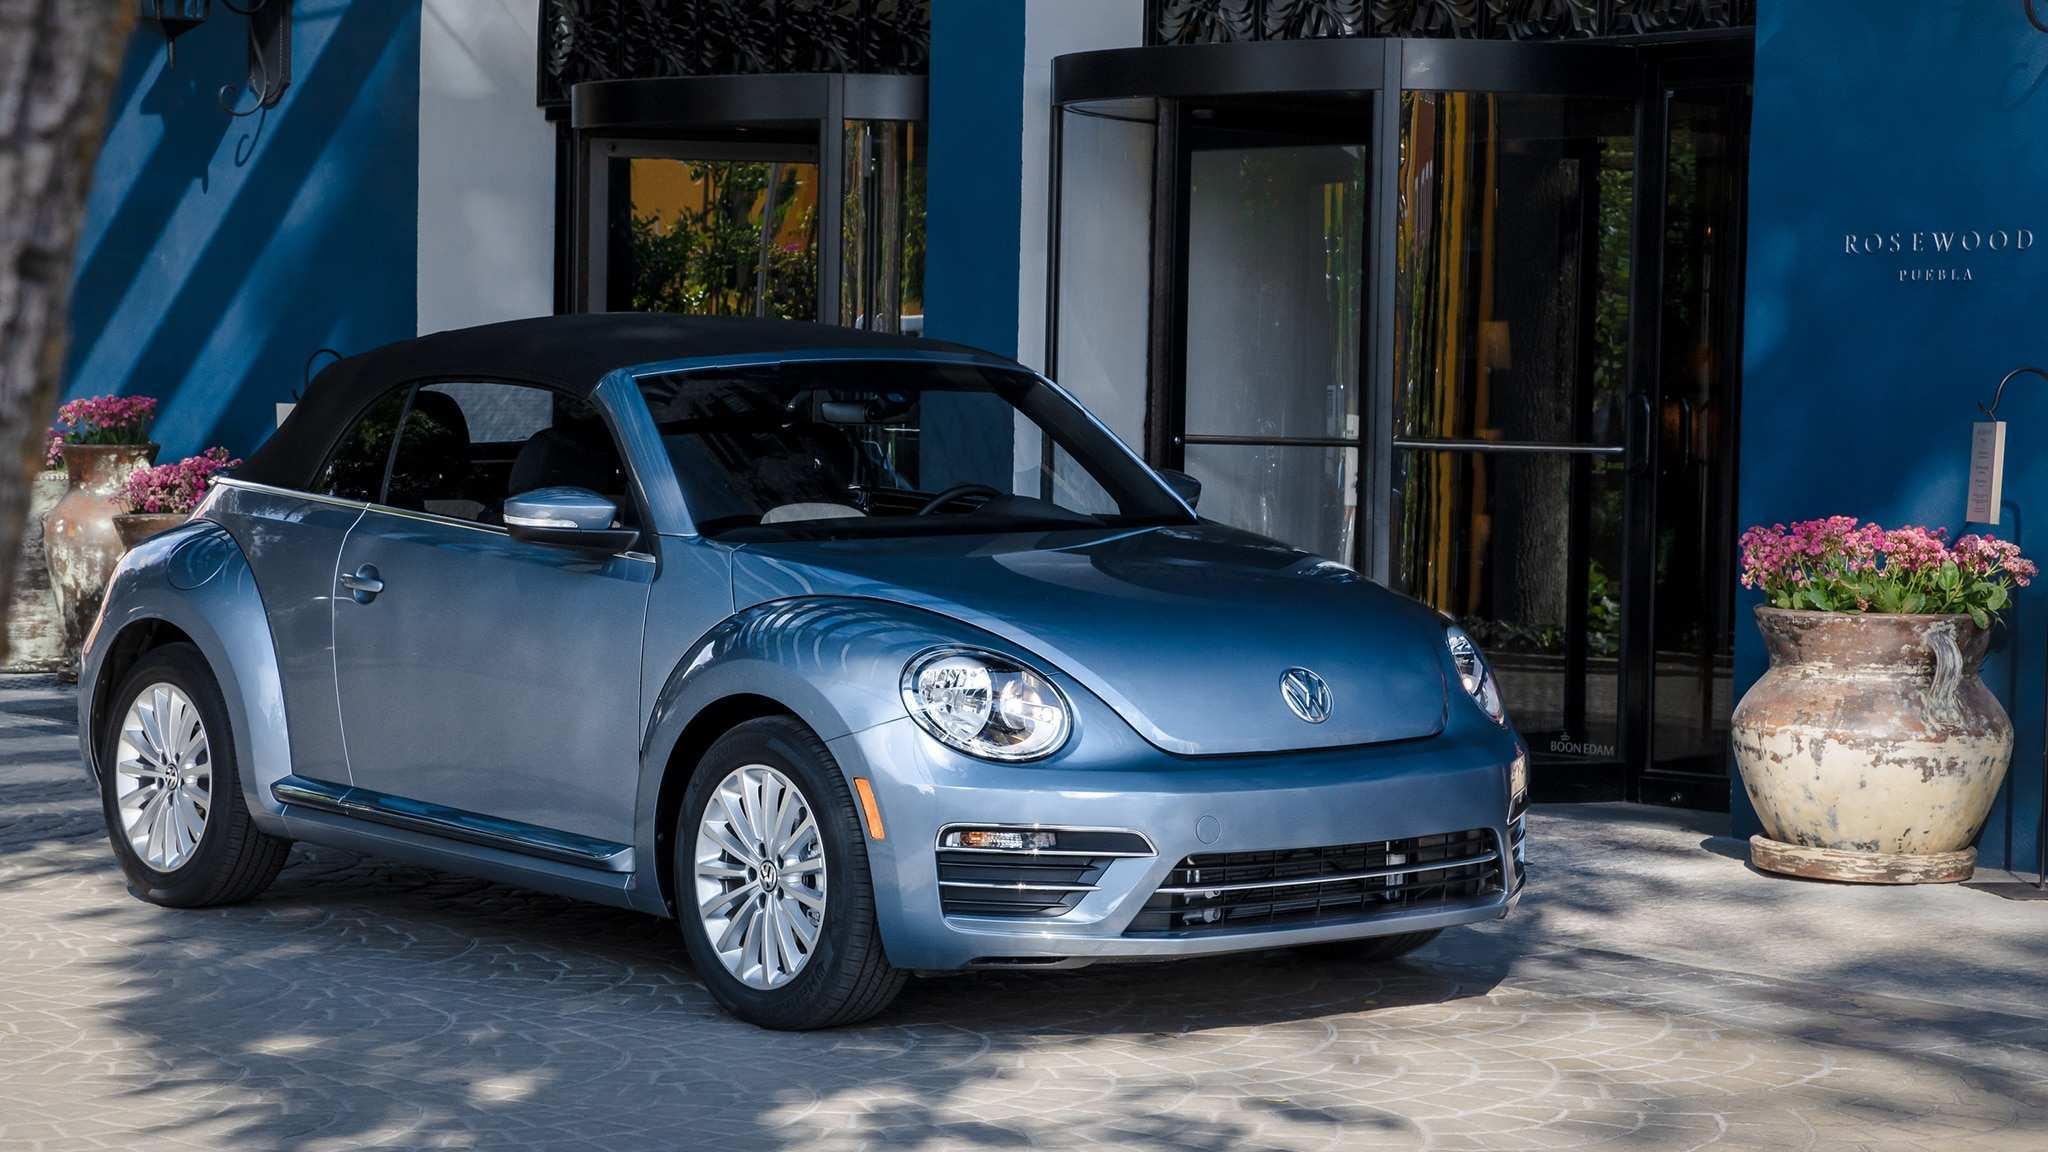 58 Gallery of Best Volkswagen Beetle Convertible 2019 New Review Specs for Best Volkswagen Beetle Convertible 2019 New Review